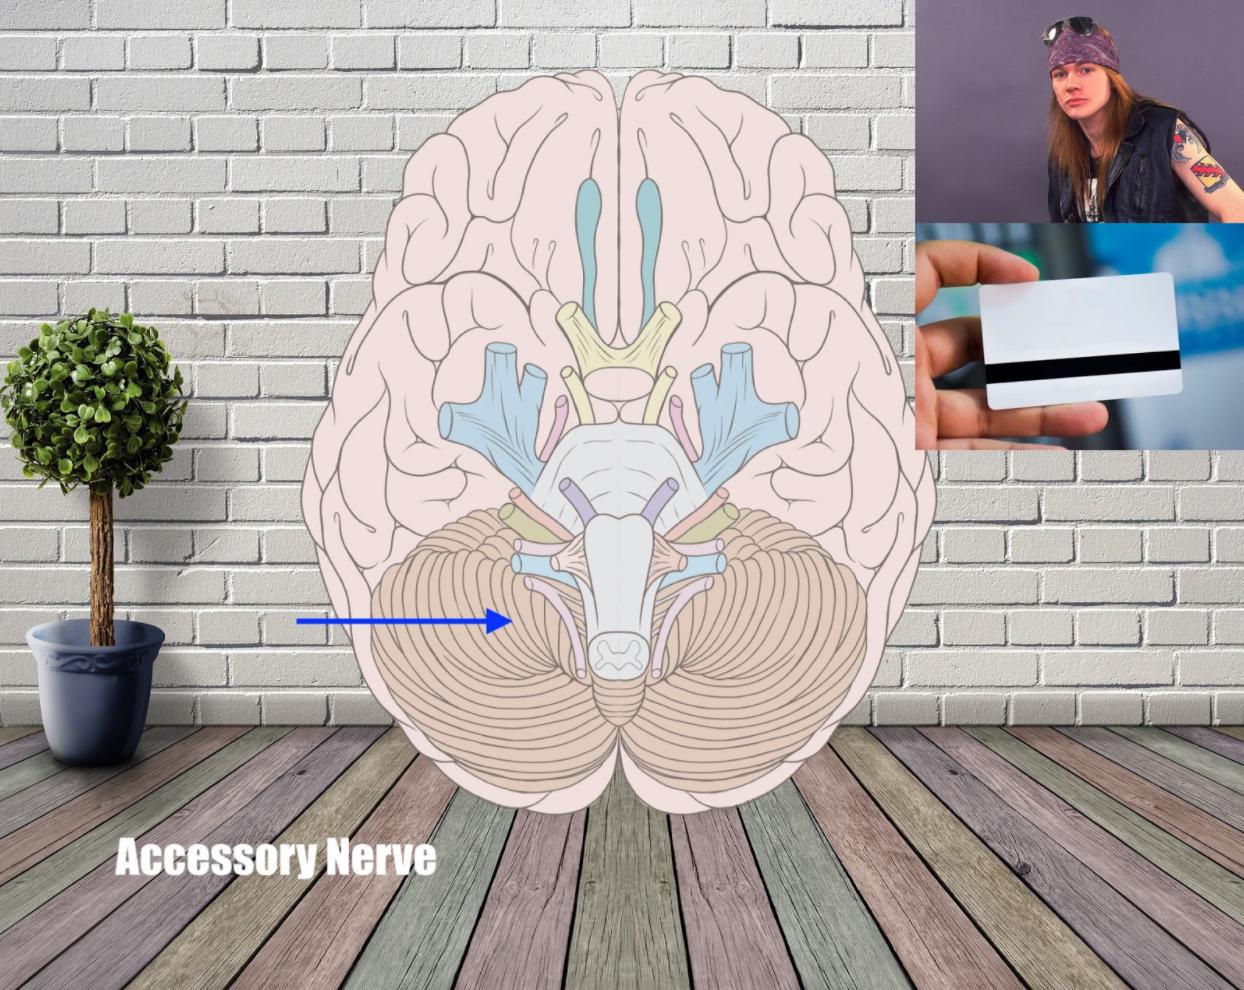 access nerve mnemonic example